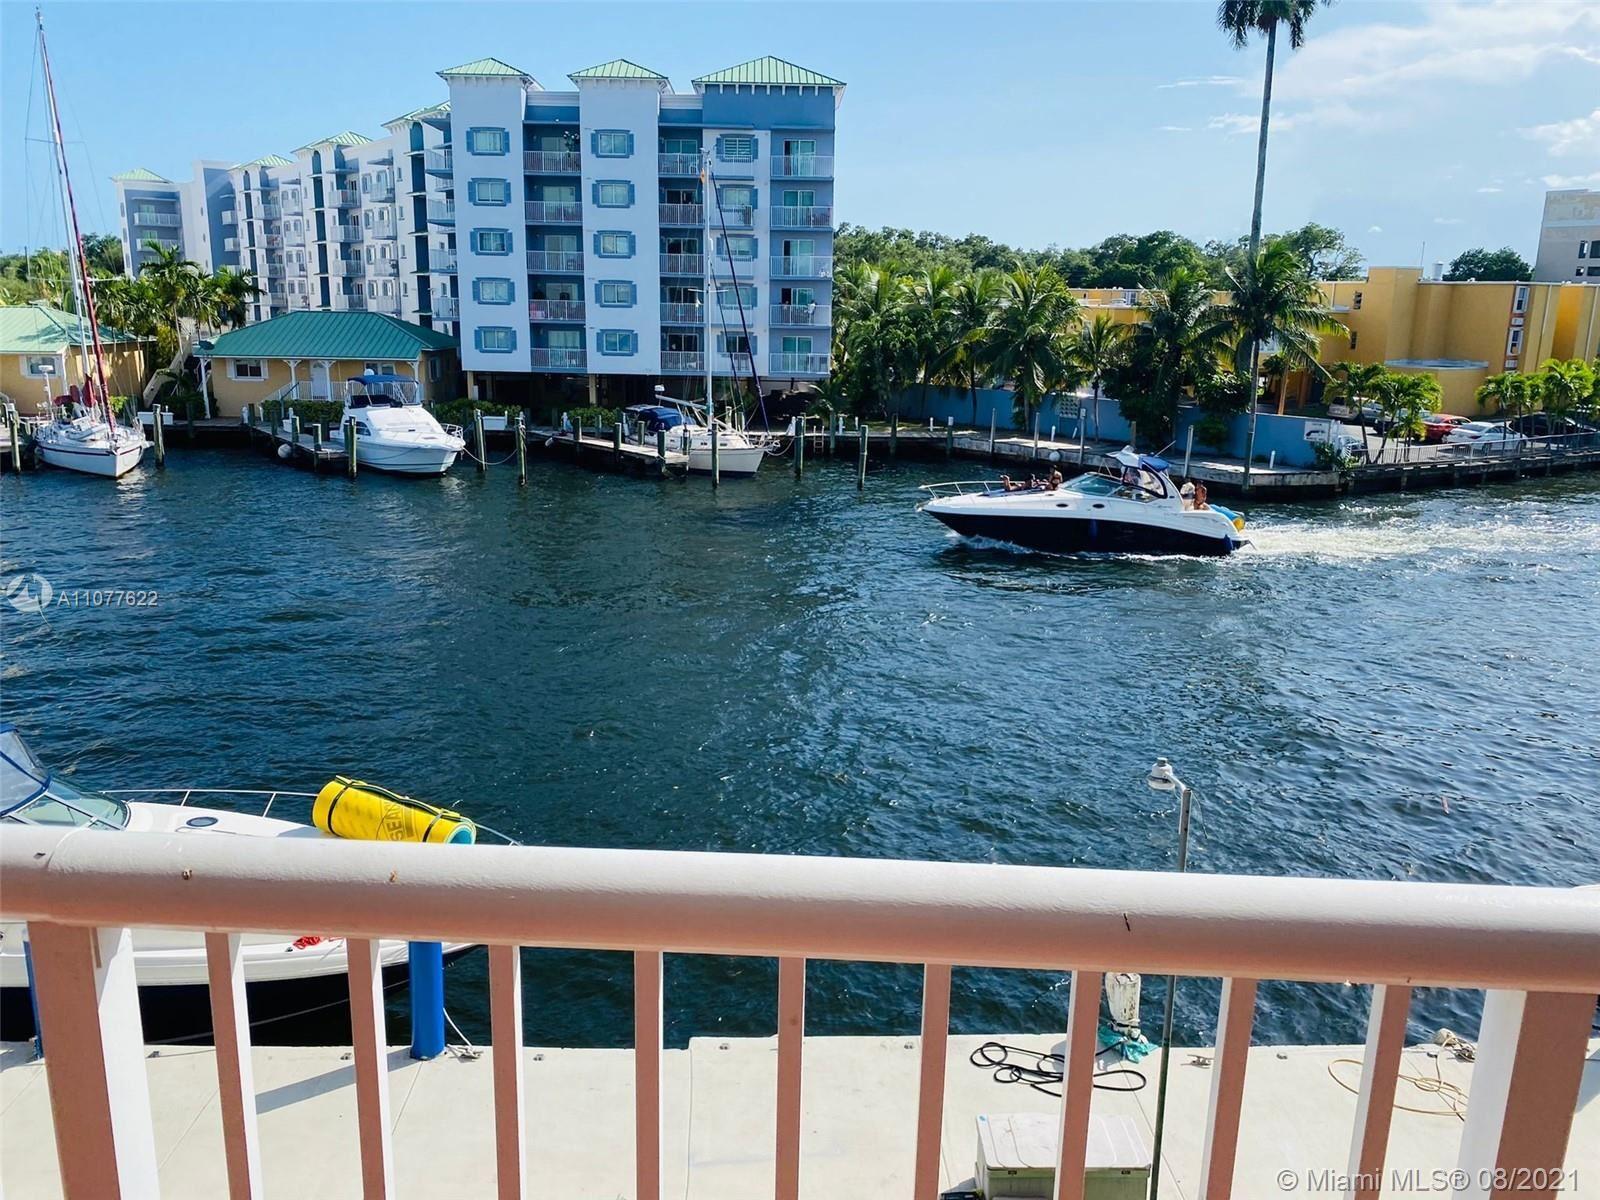 1800 NW 24th Ave #309, Miami, FL 33125 - #: A11077622